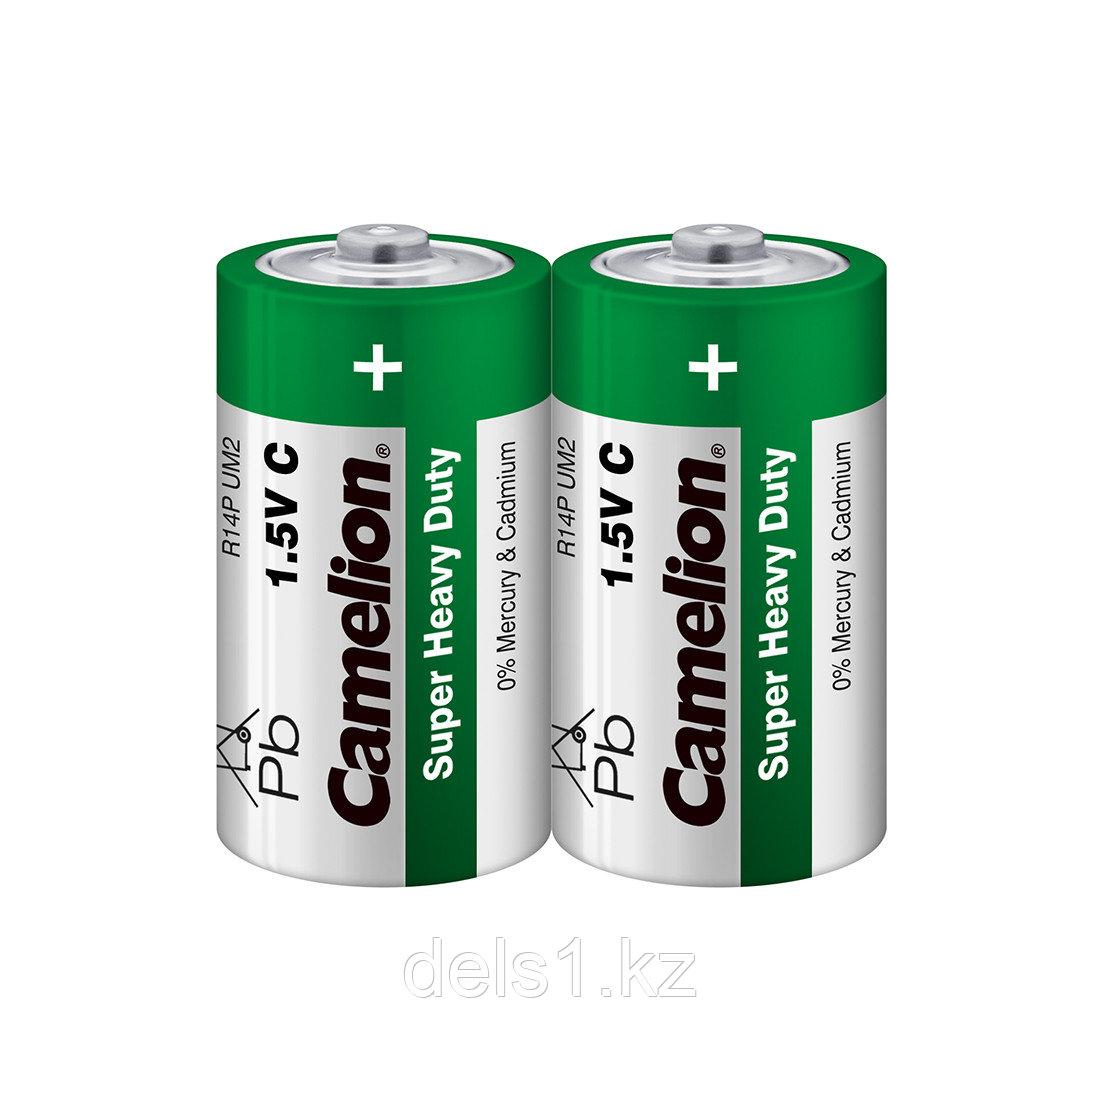 Батарейка, CAMELION, R14P-SP2G, Super Heavy Duty, C, 1.5V, mAh, 2 шт. в плёнке